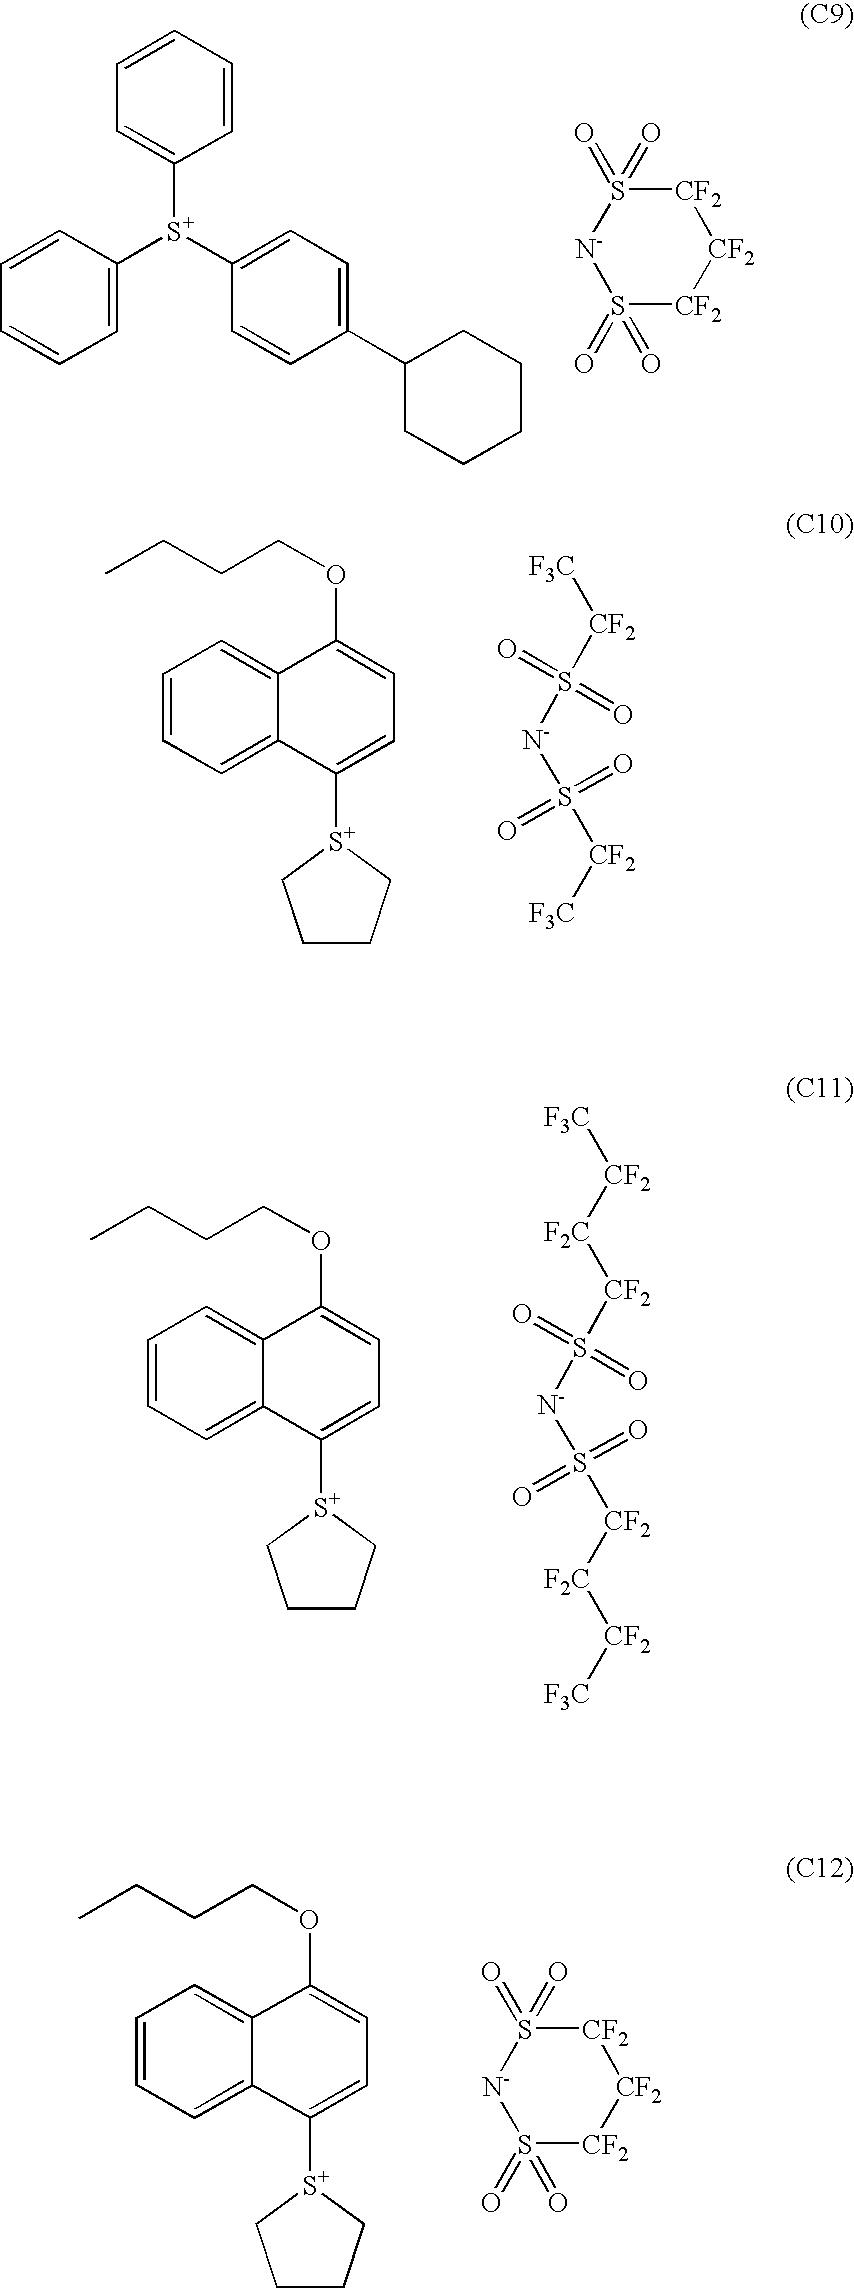 Figure US20100068650A1-20100318-C00026